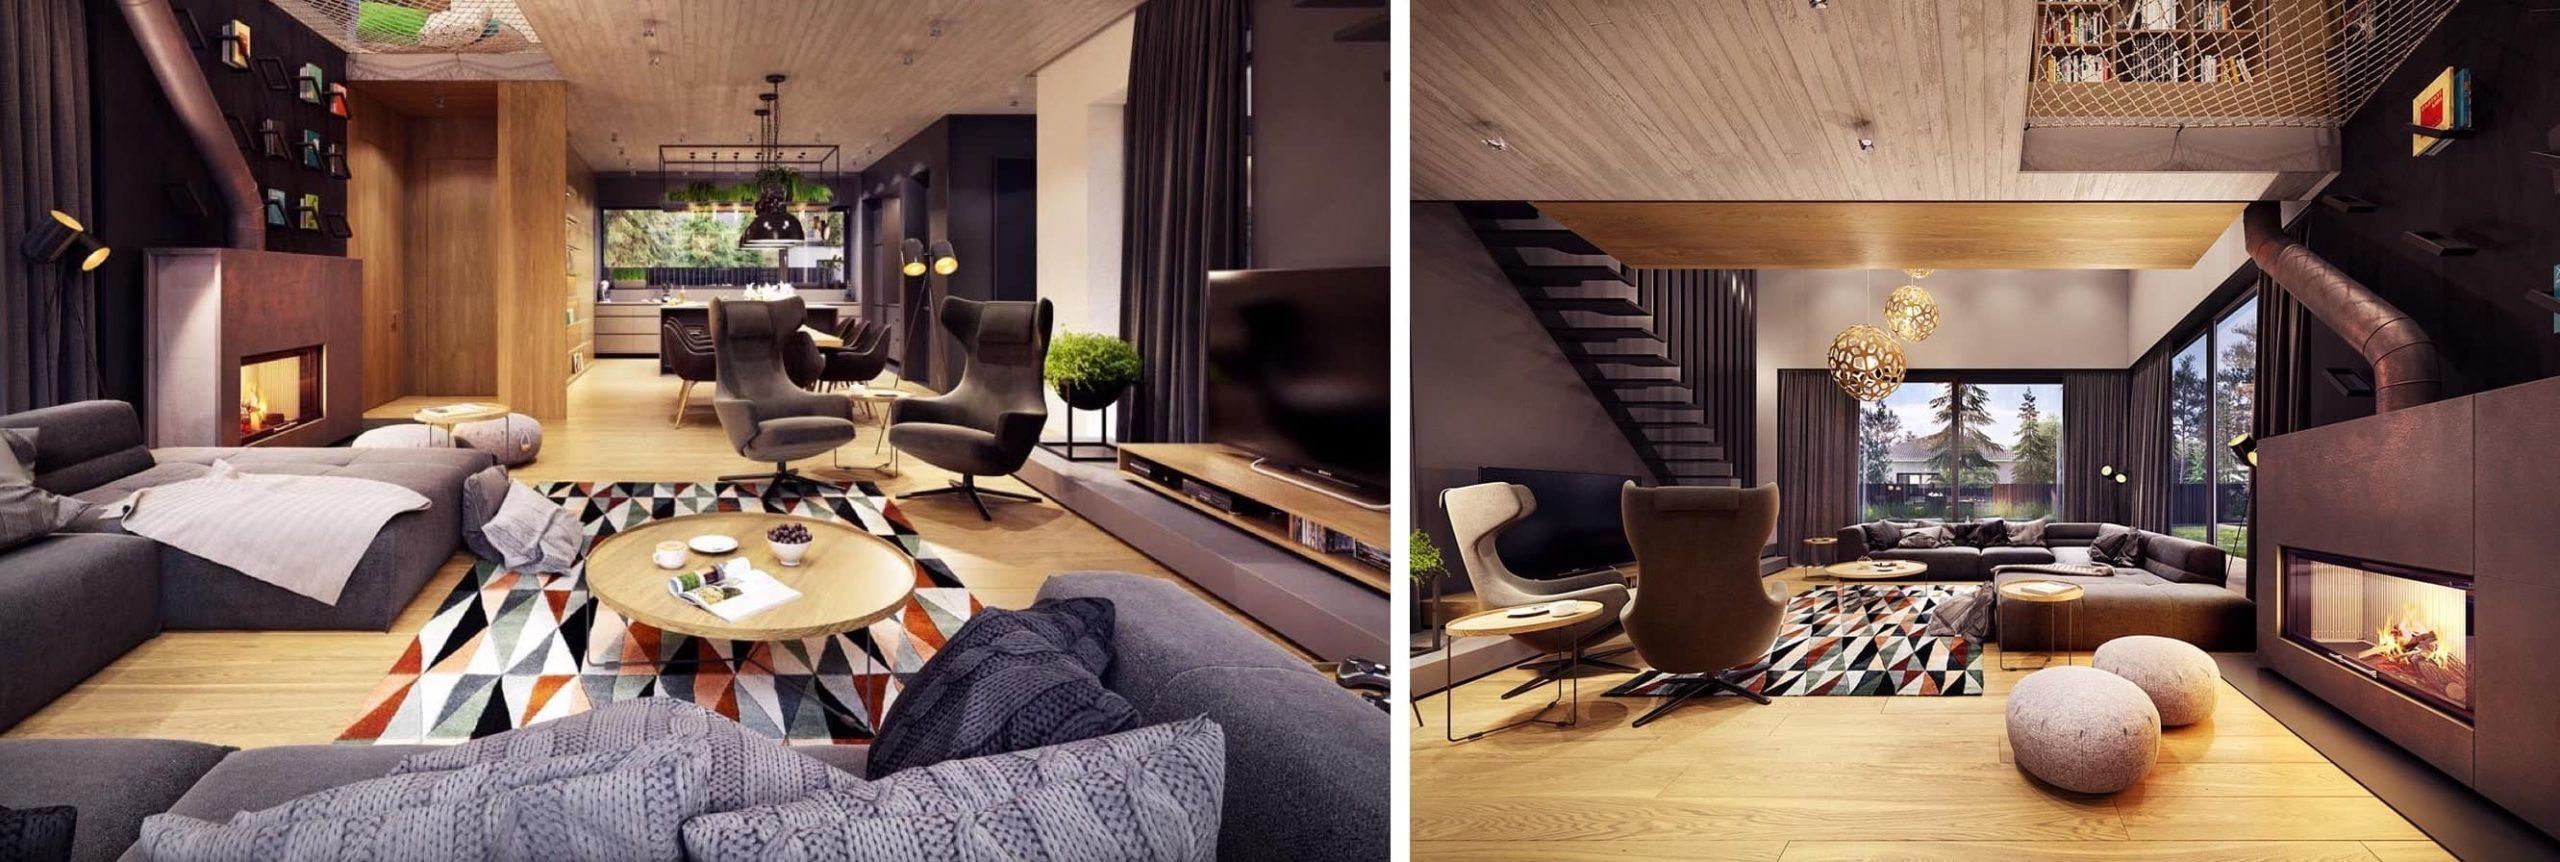 Уютная гостиная в теплых тонах